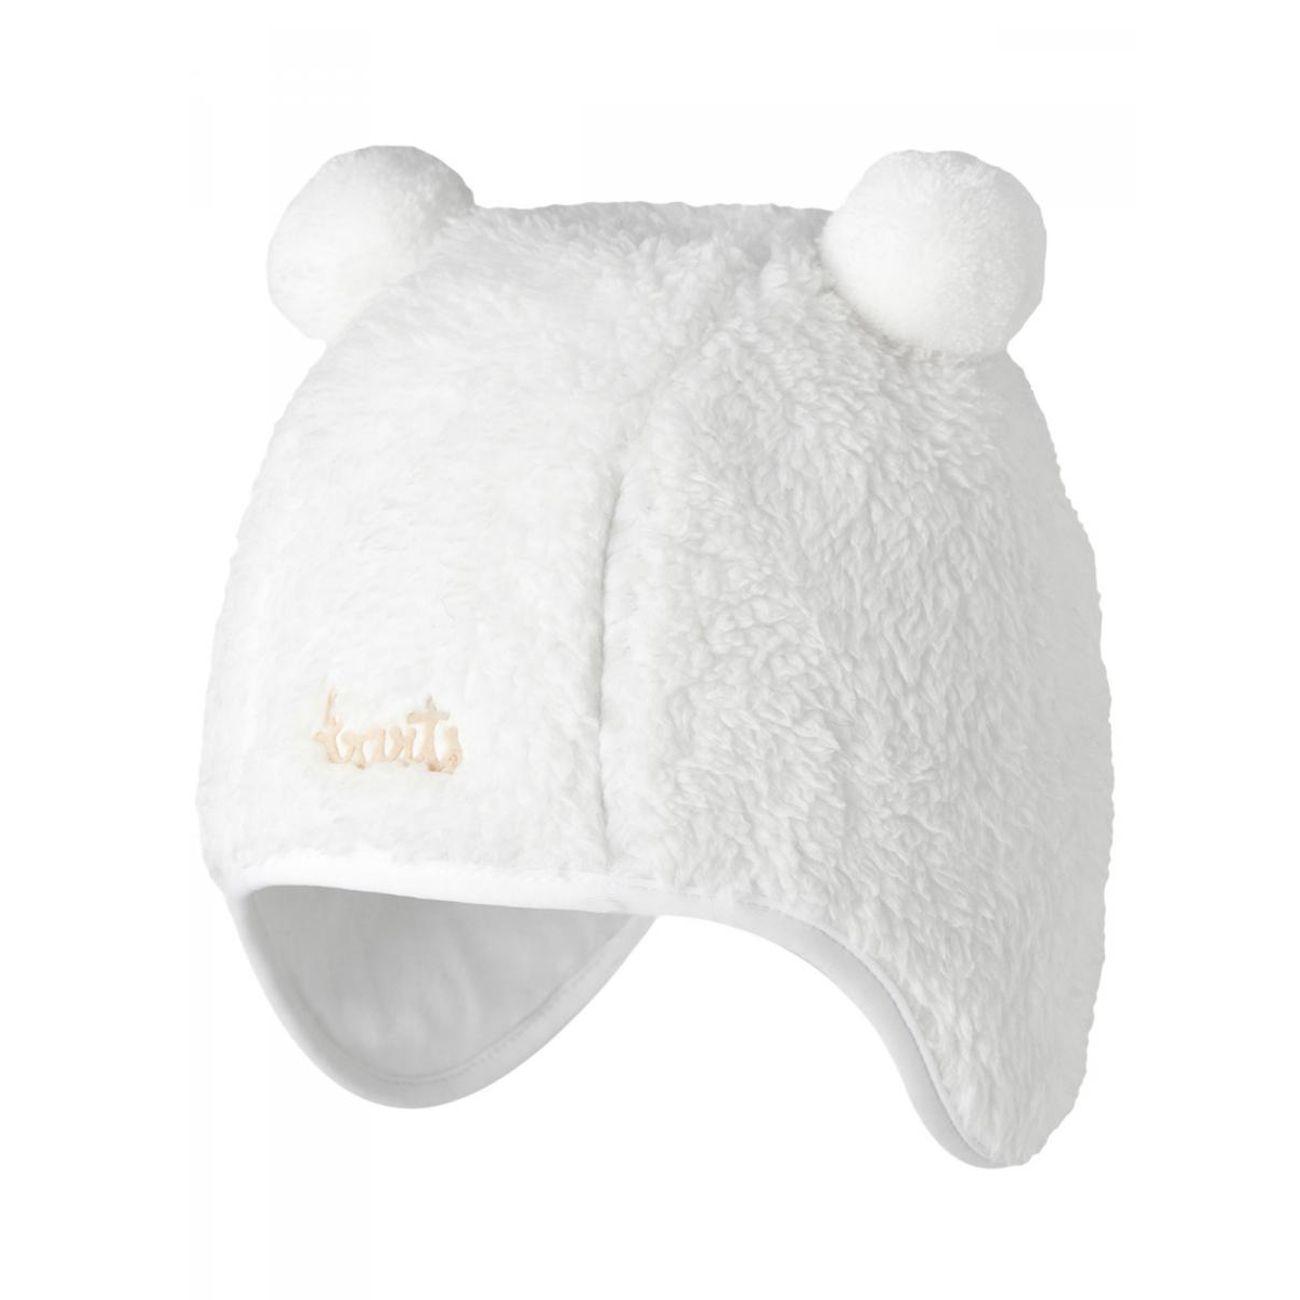 Ski Bébé BART'S BARTS-Bonnet blanc naissance en fourrure polaire bébé garçon du 3 au 12 mois Barts